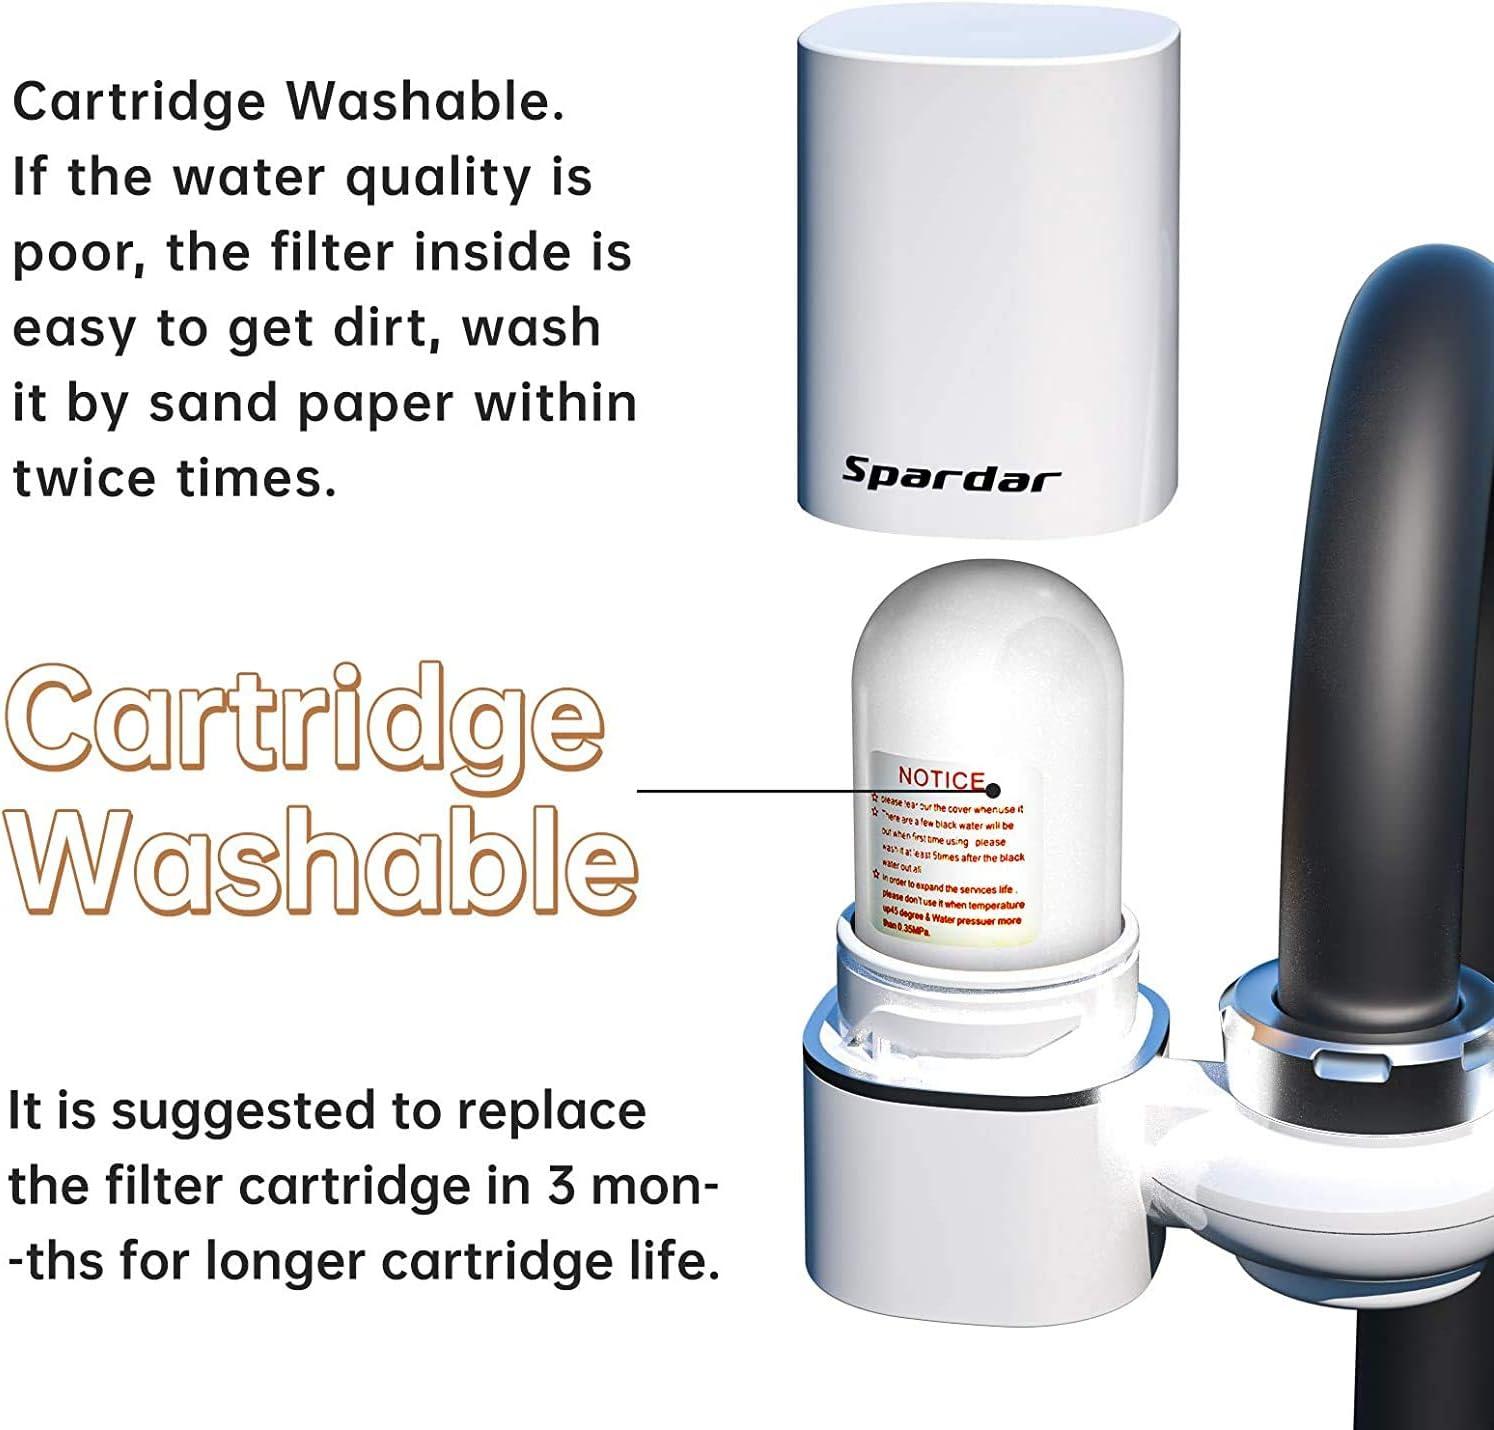 purificateur deau Convient aux robinets standard paquet de 2 cartouches filtrantes syst/ème de filtration deau pour robinet de cuisine avec mat/ériau ultra absorbant Filtre /à eau pour robinet